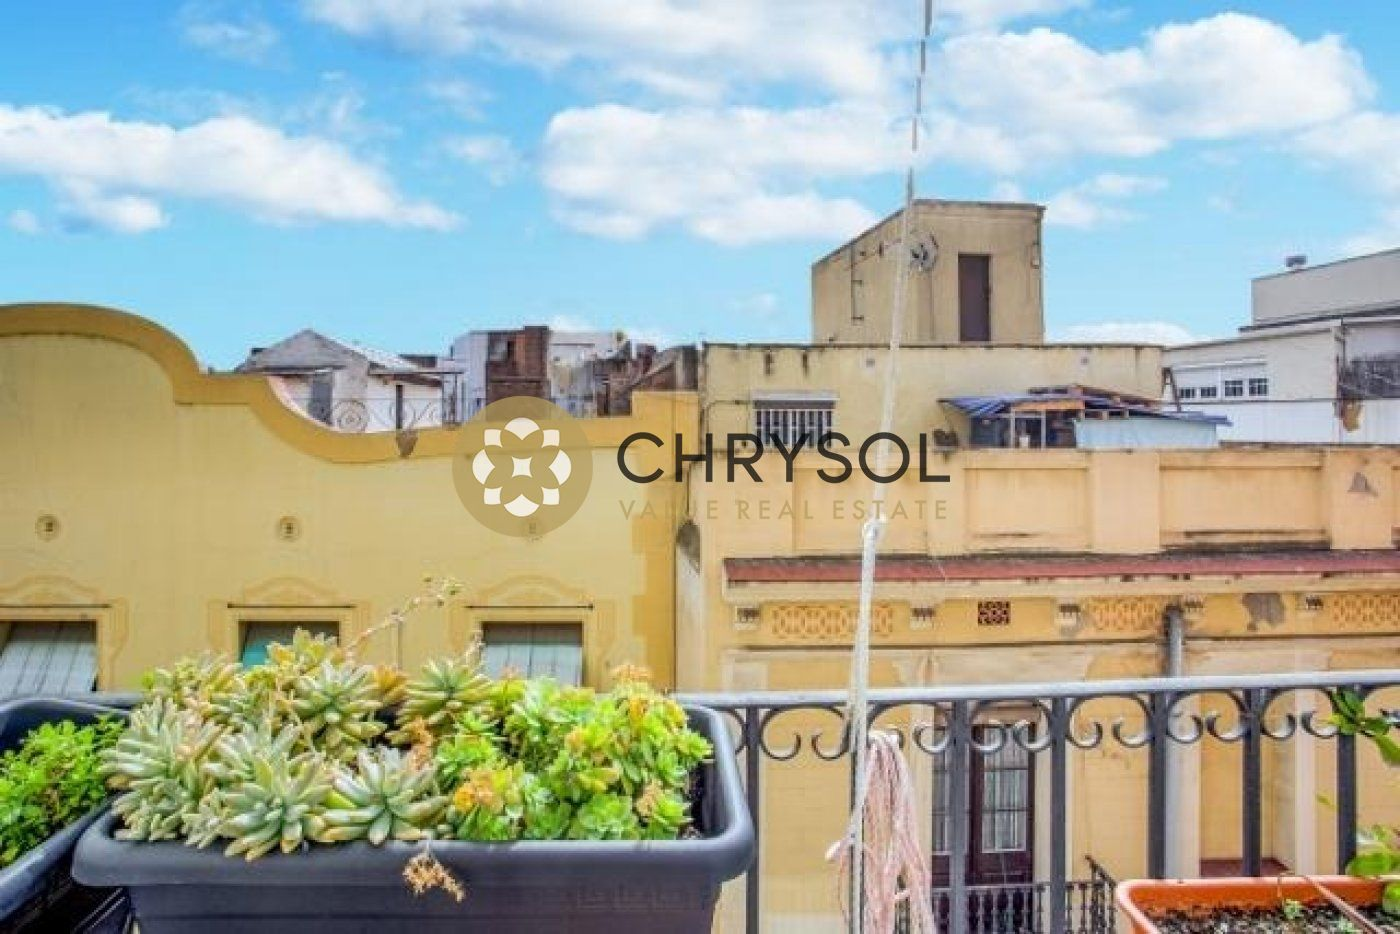 Fotogalería - 15 - Chrysol Value